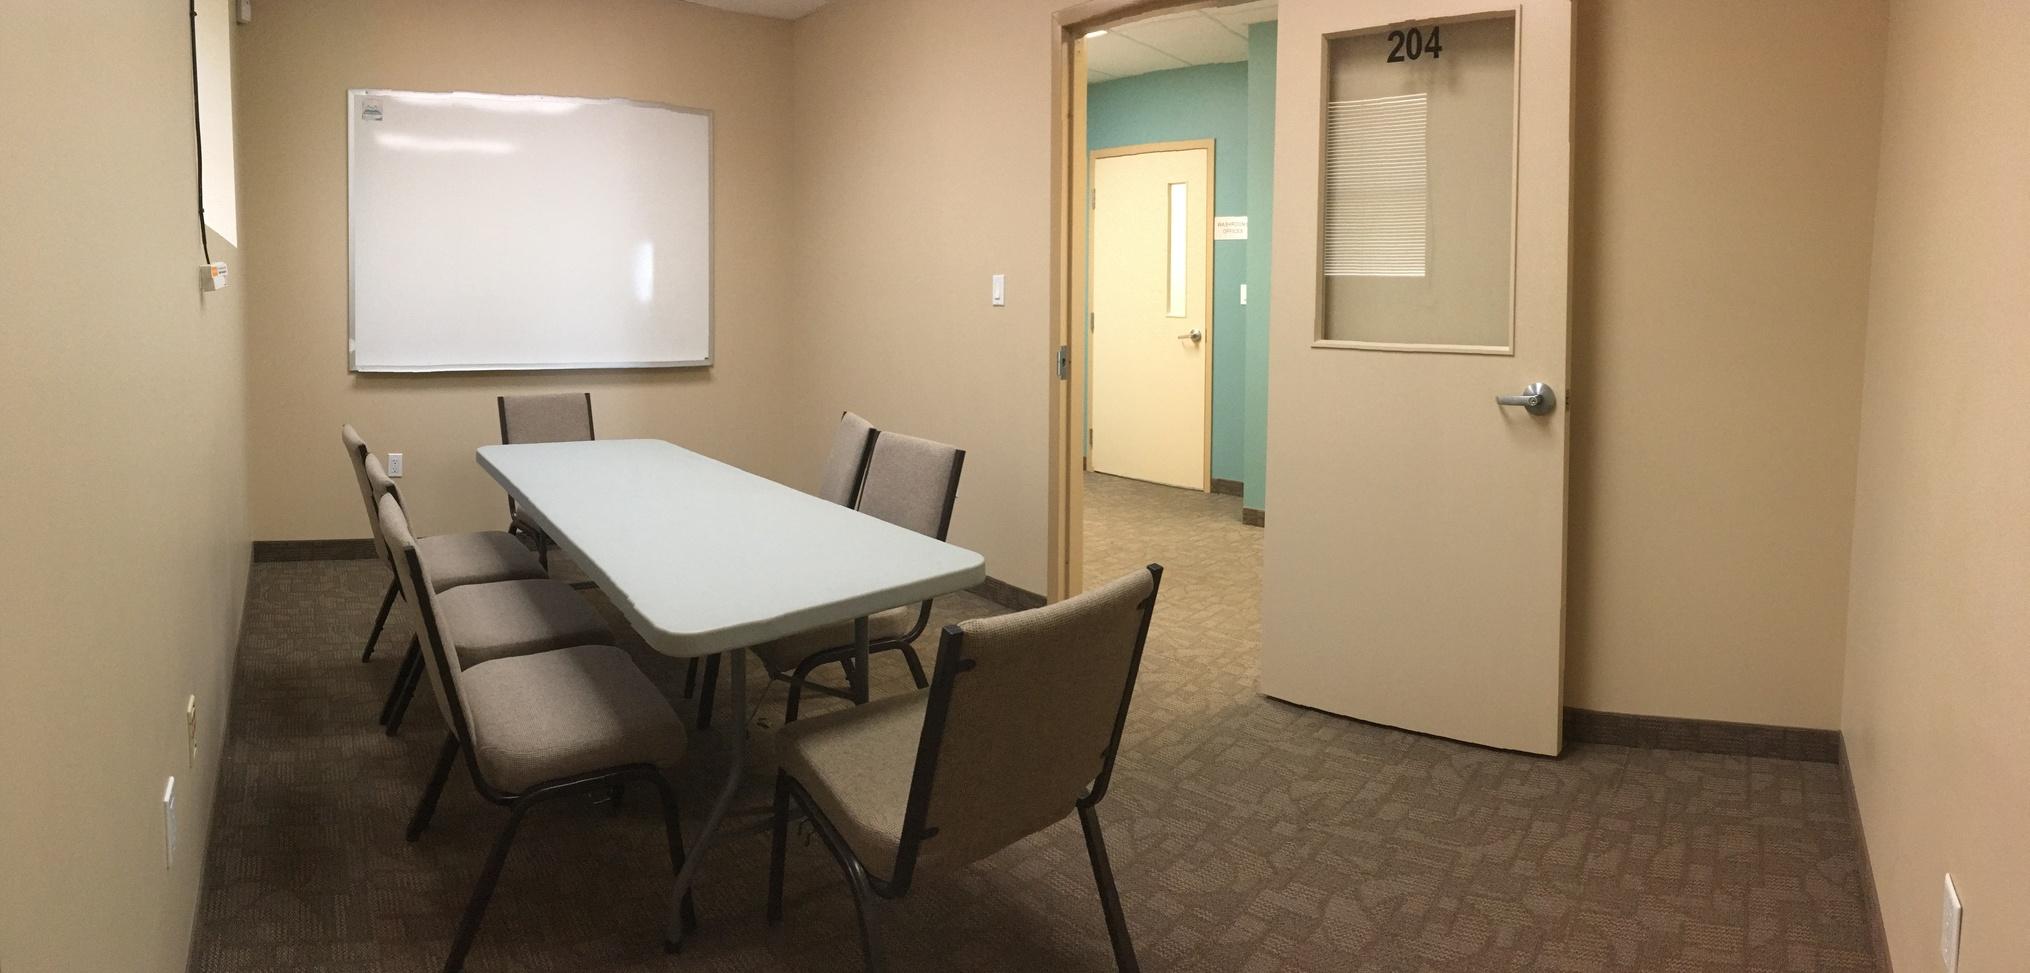 Room 204 - view 1JPG.jpg